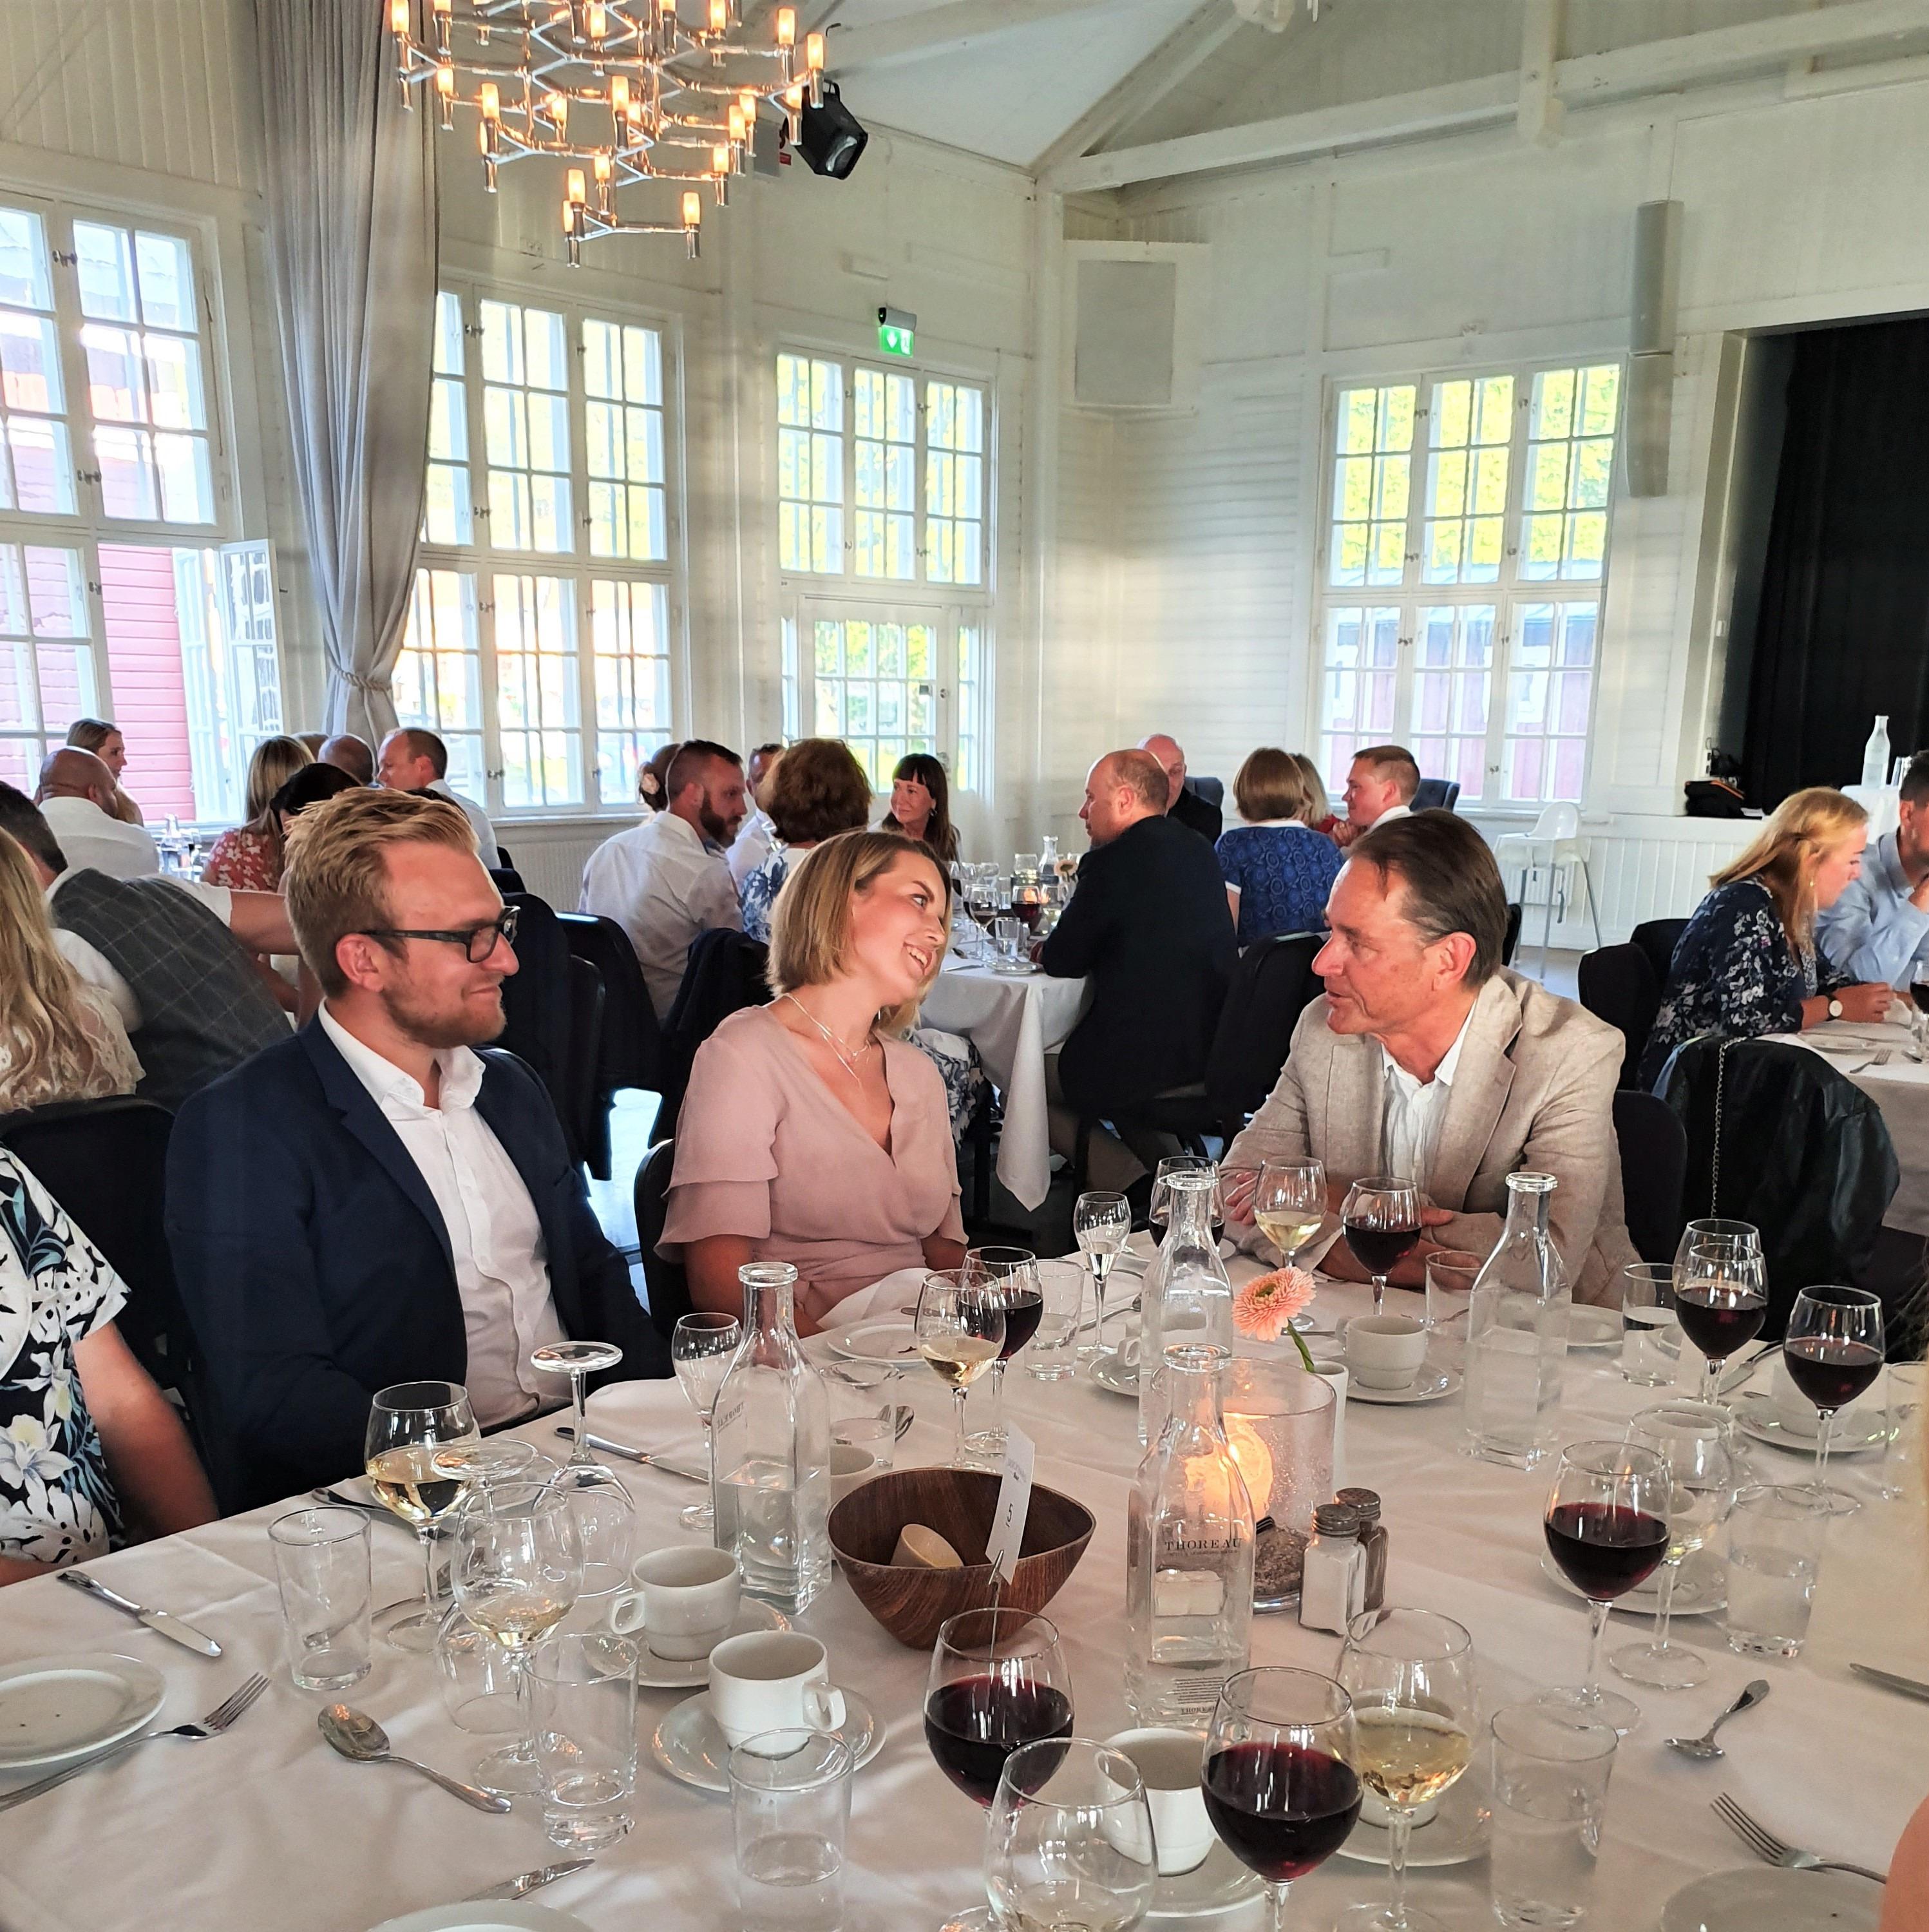 Sommarfest 2019 på Elicit, 20-årsjubileum. Middag